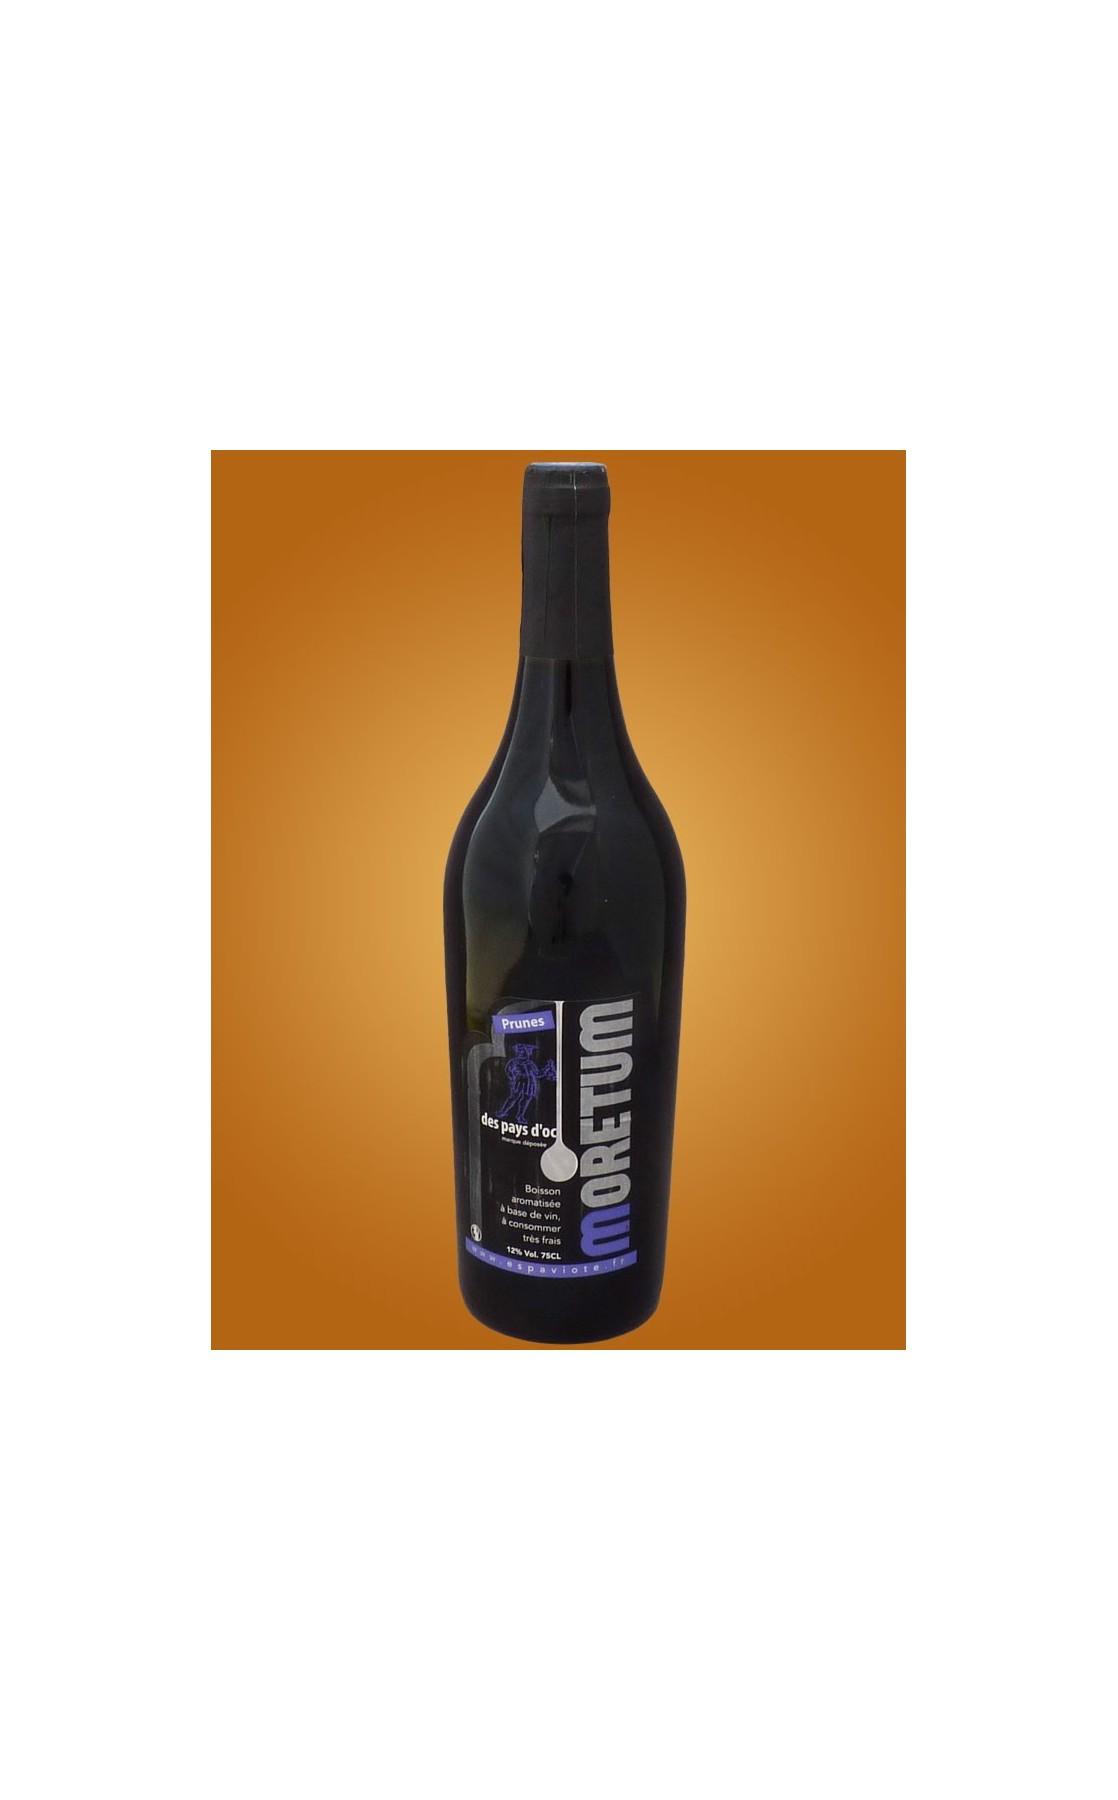 Moretum à la prune noire - vin médiéval - 75cl